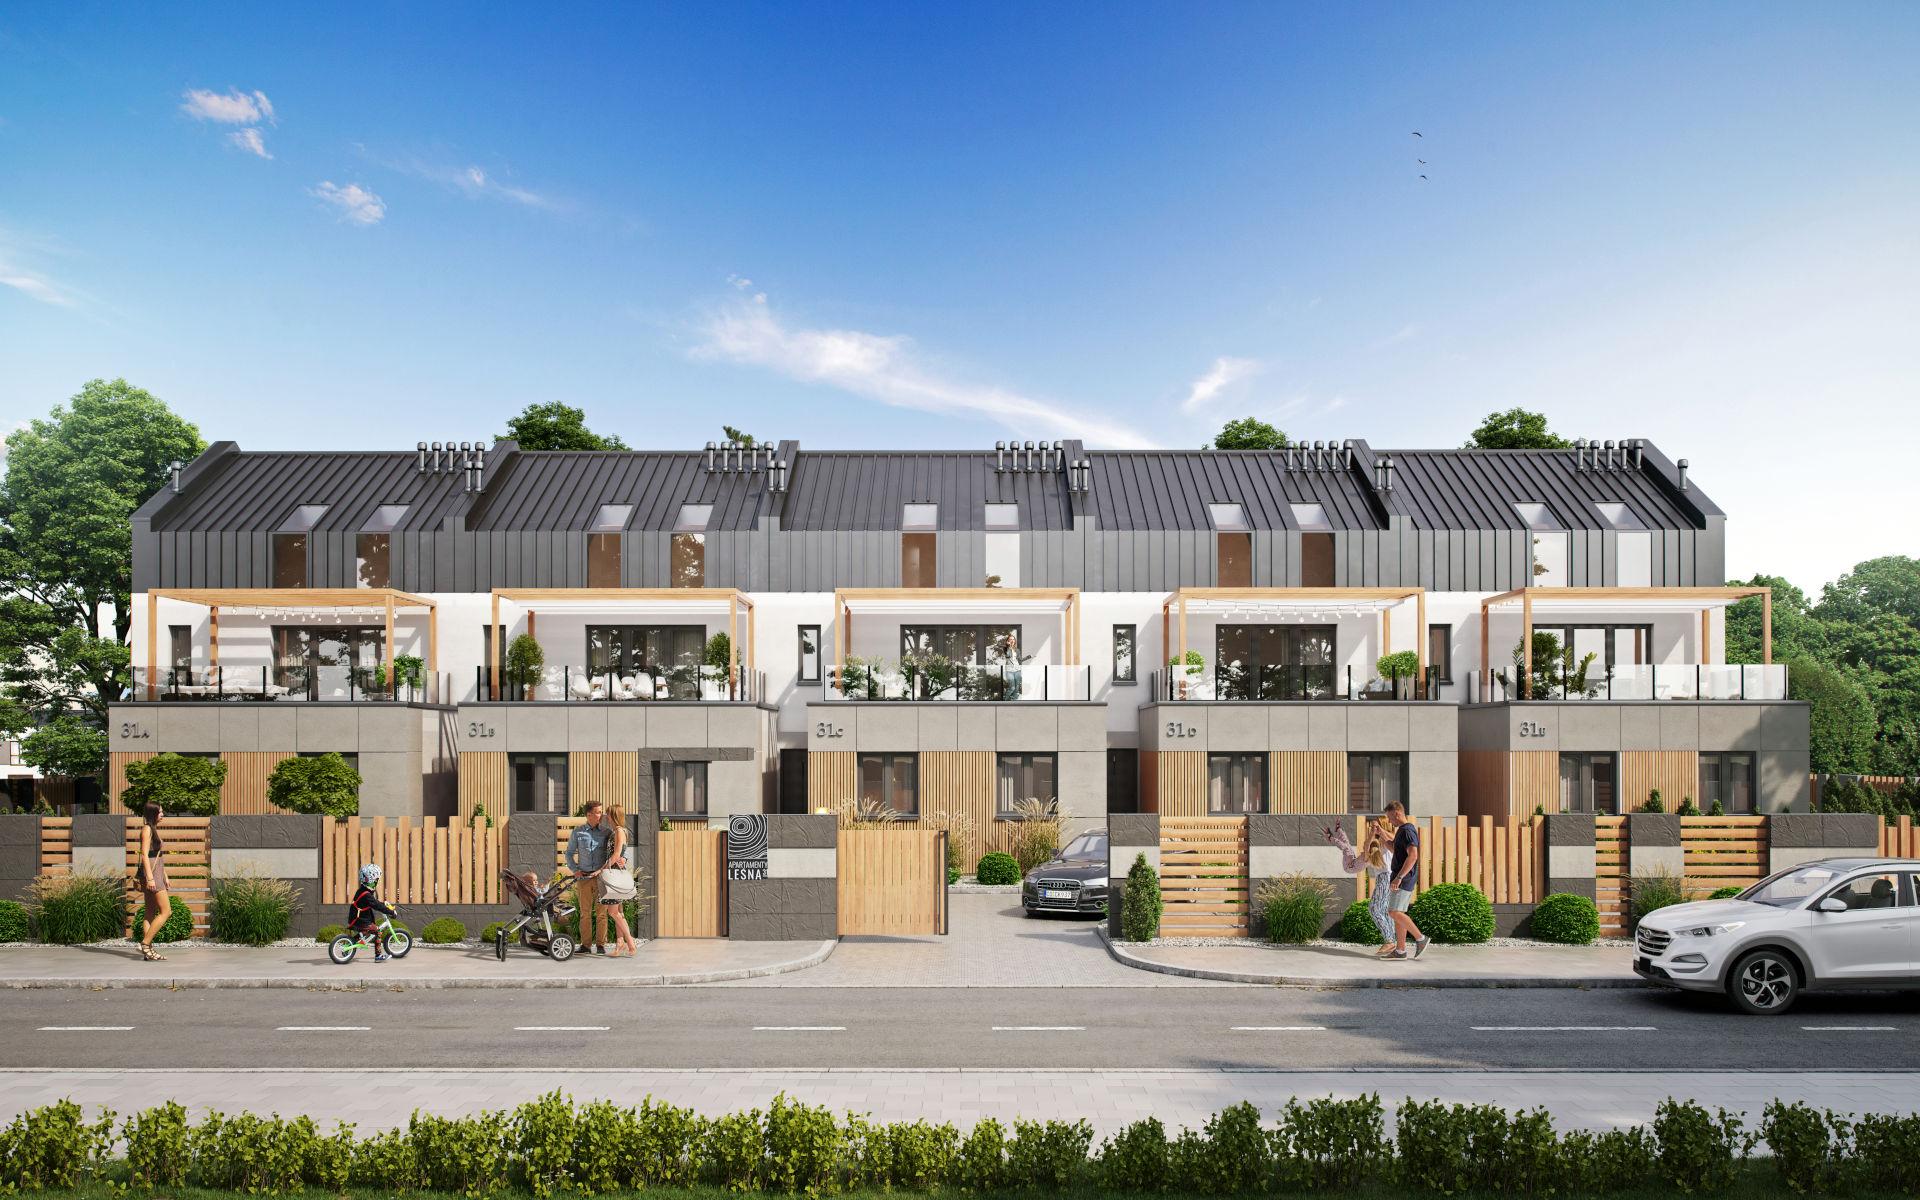 Zespół budynków mieszkalnych w zabudowie szeregowej